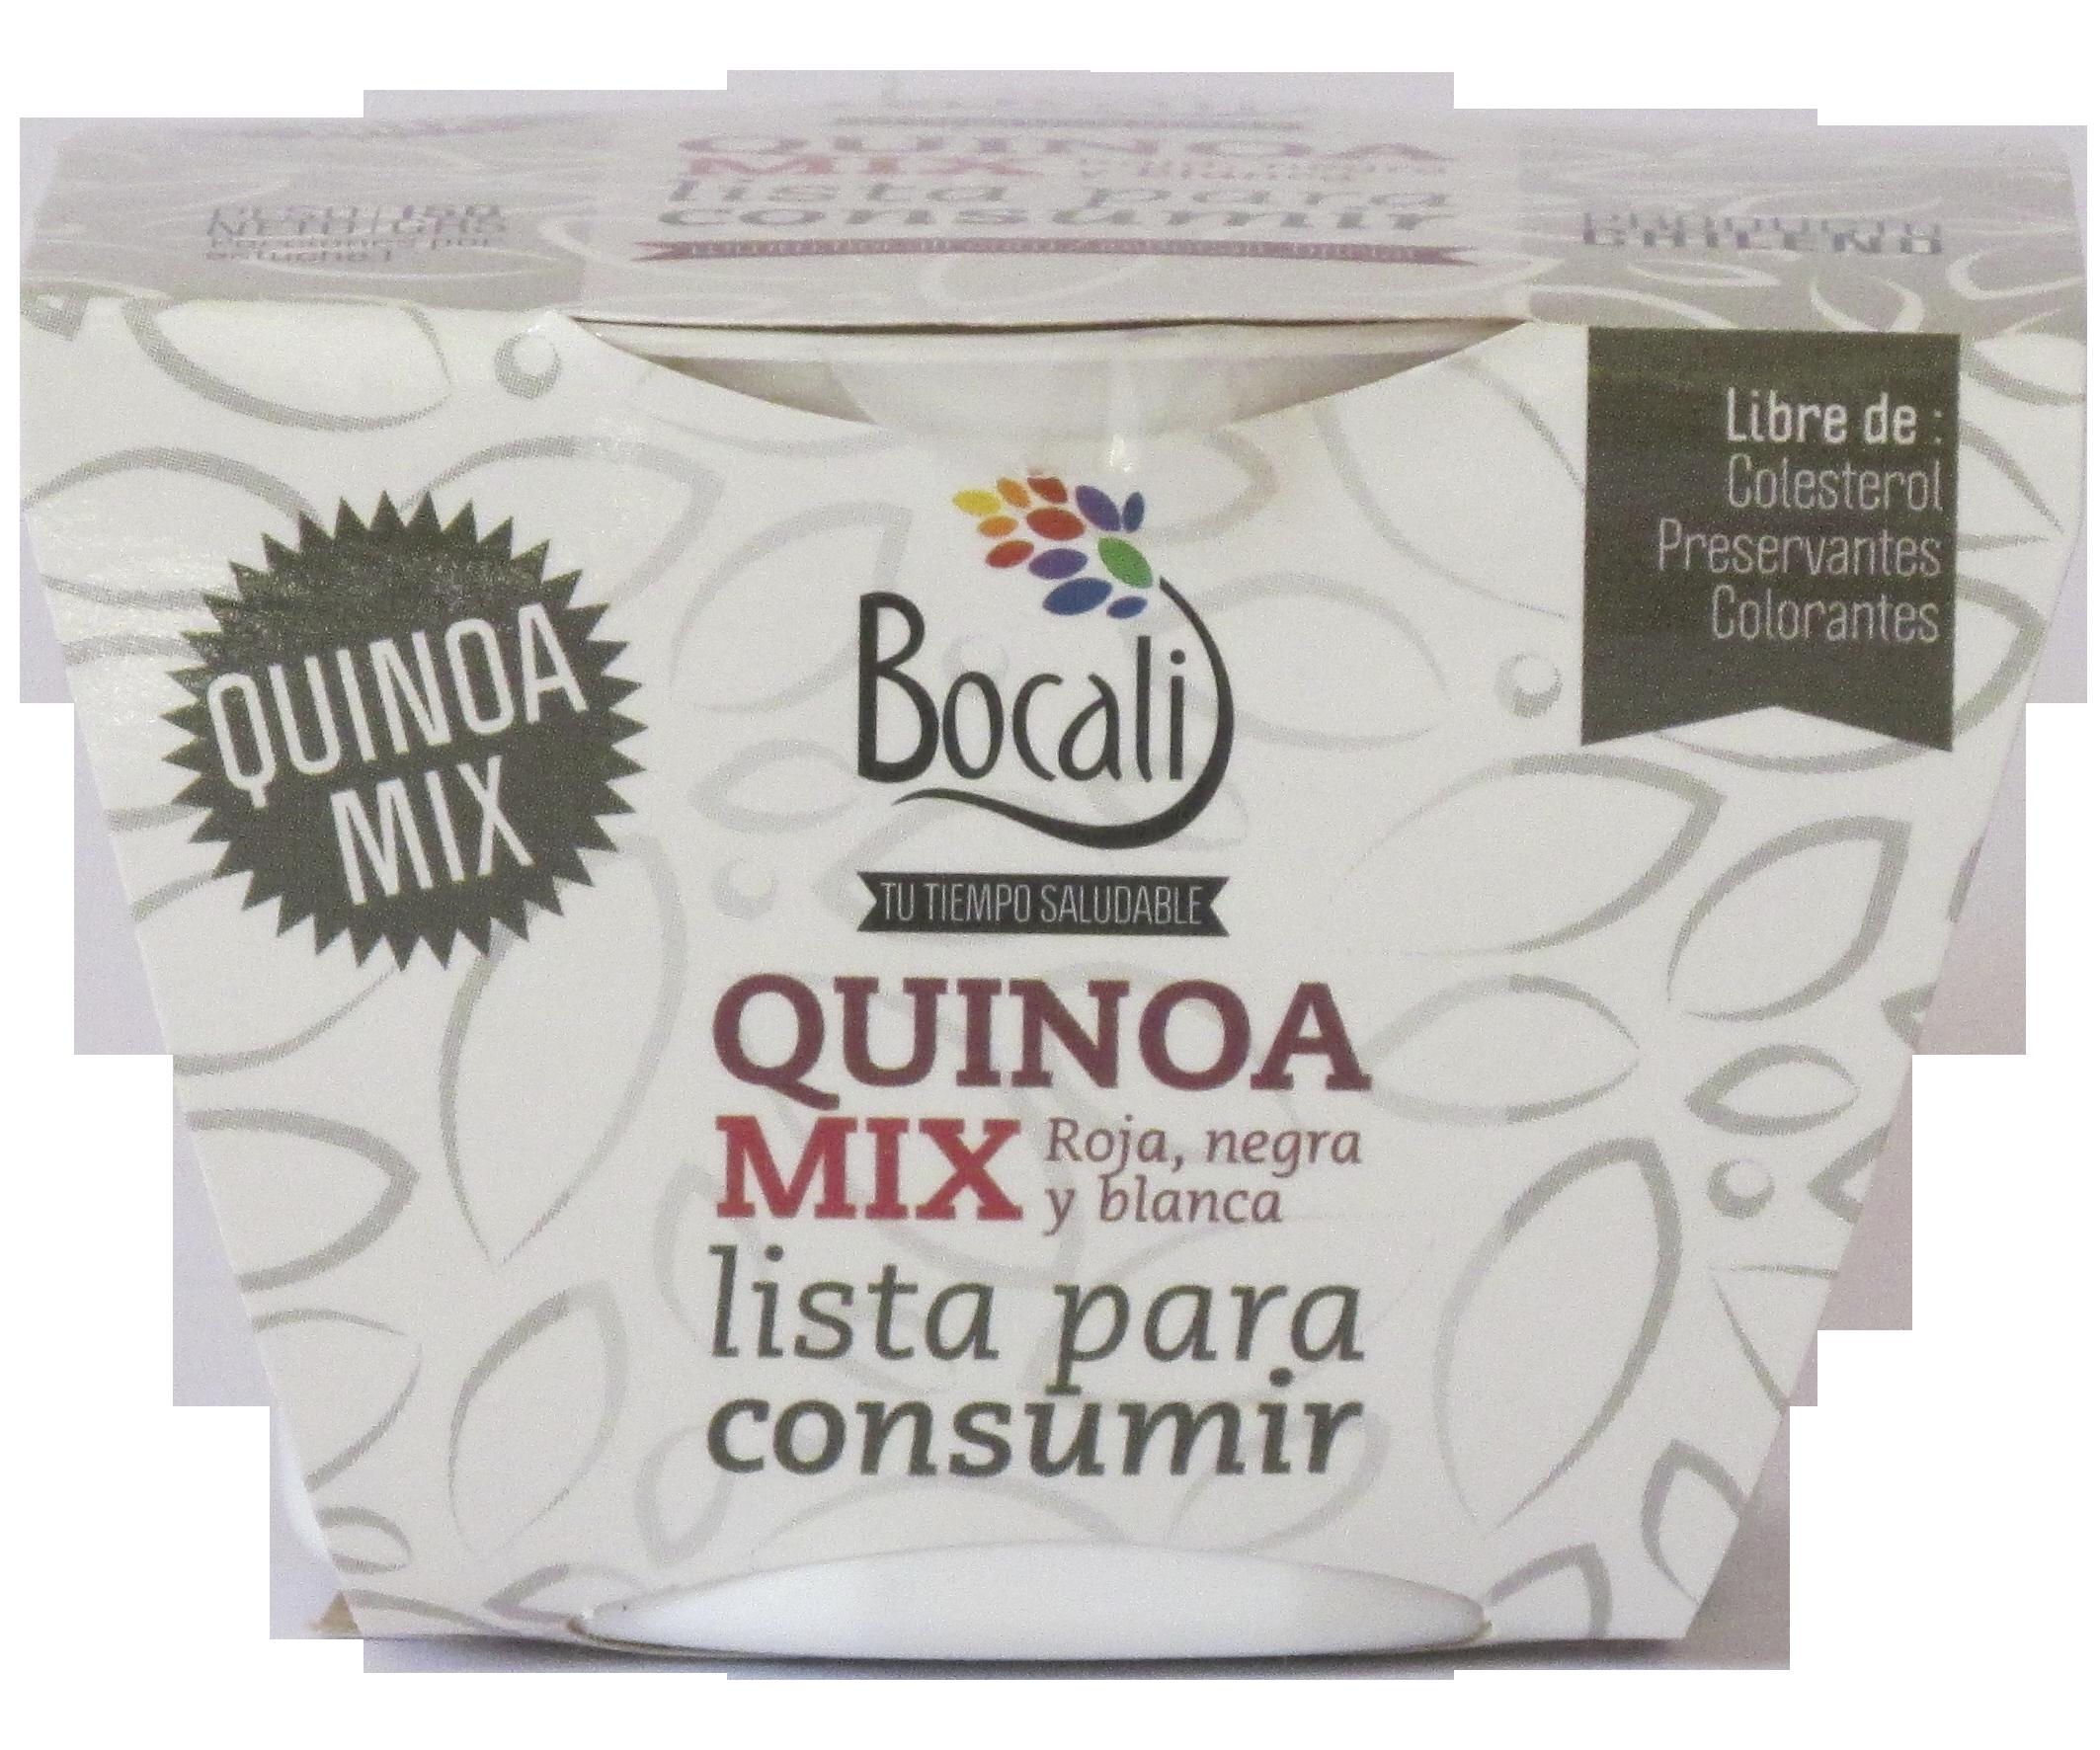 Guillermo quinoa